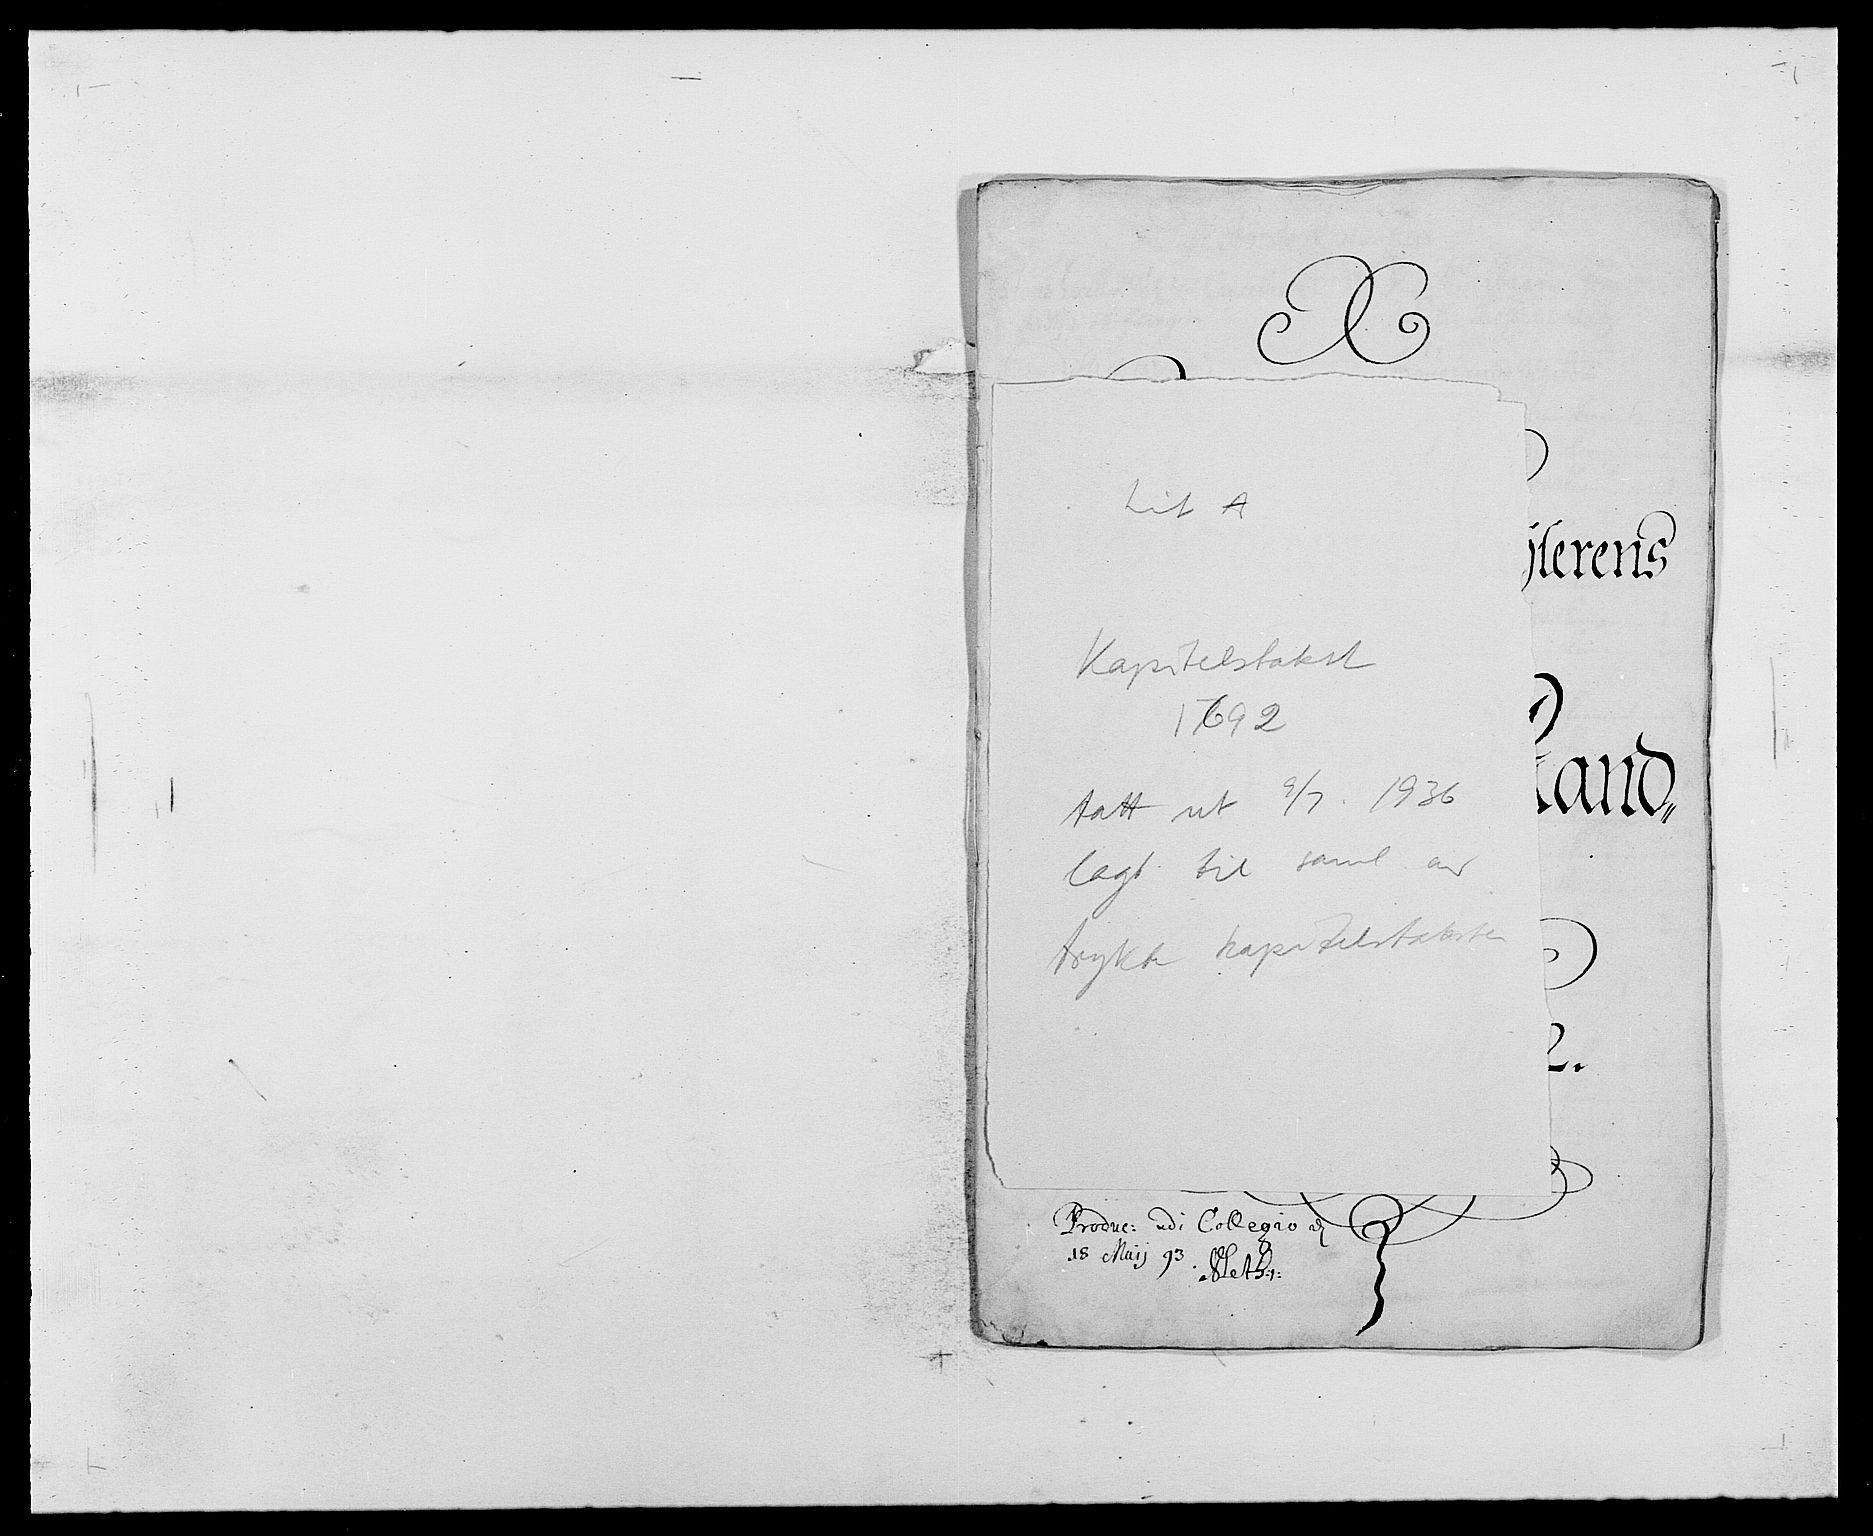 RA, Rentekammeret inntil 1814, Reviderte regnskaper, Fogderegnskap, R46/L2727: Fogderegnskap Jæren og Dalane, 1690-1693, s. 172